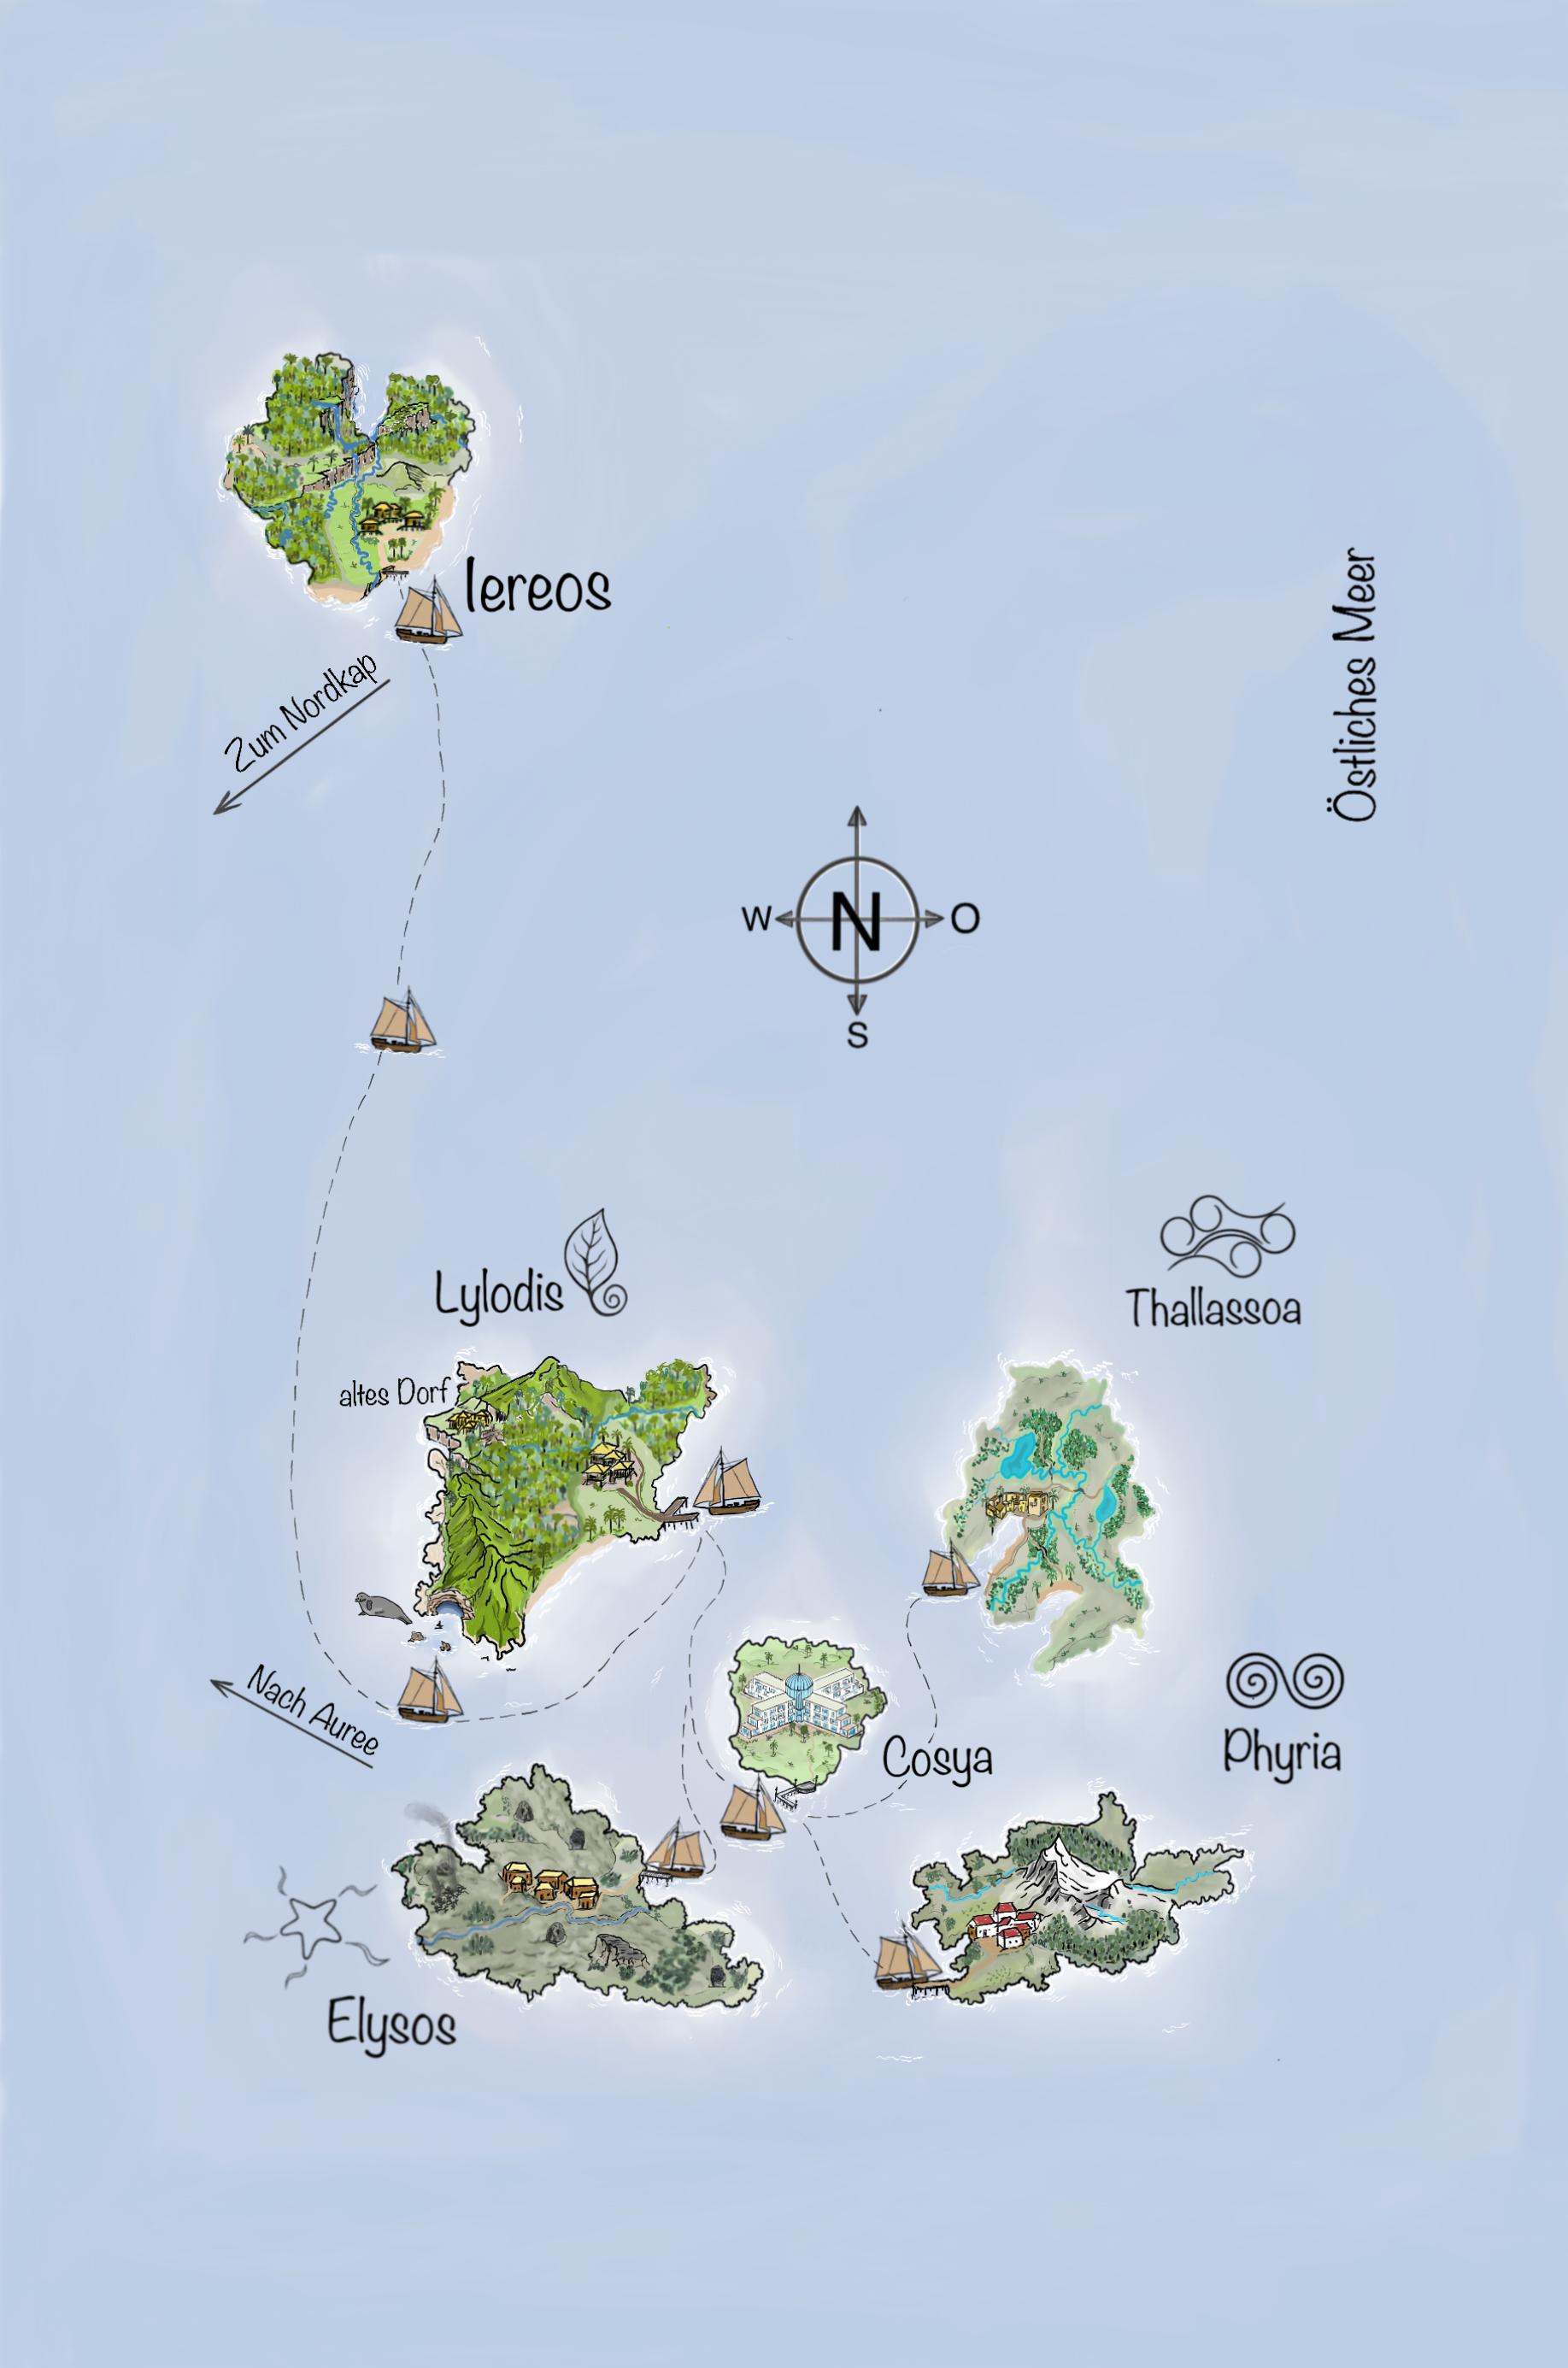 Naturgewalten - Die Dilogie - Karte (Inselreich)